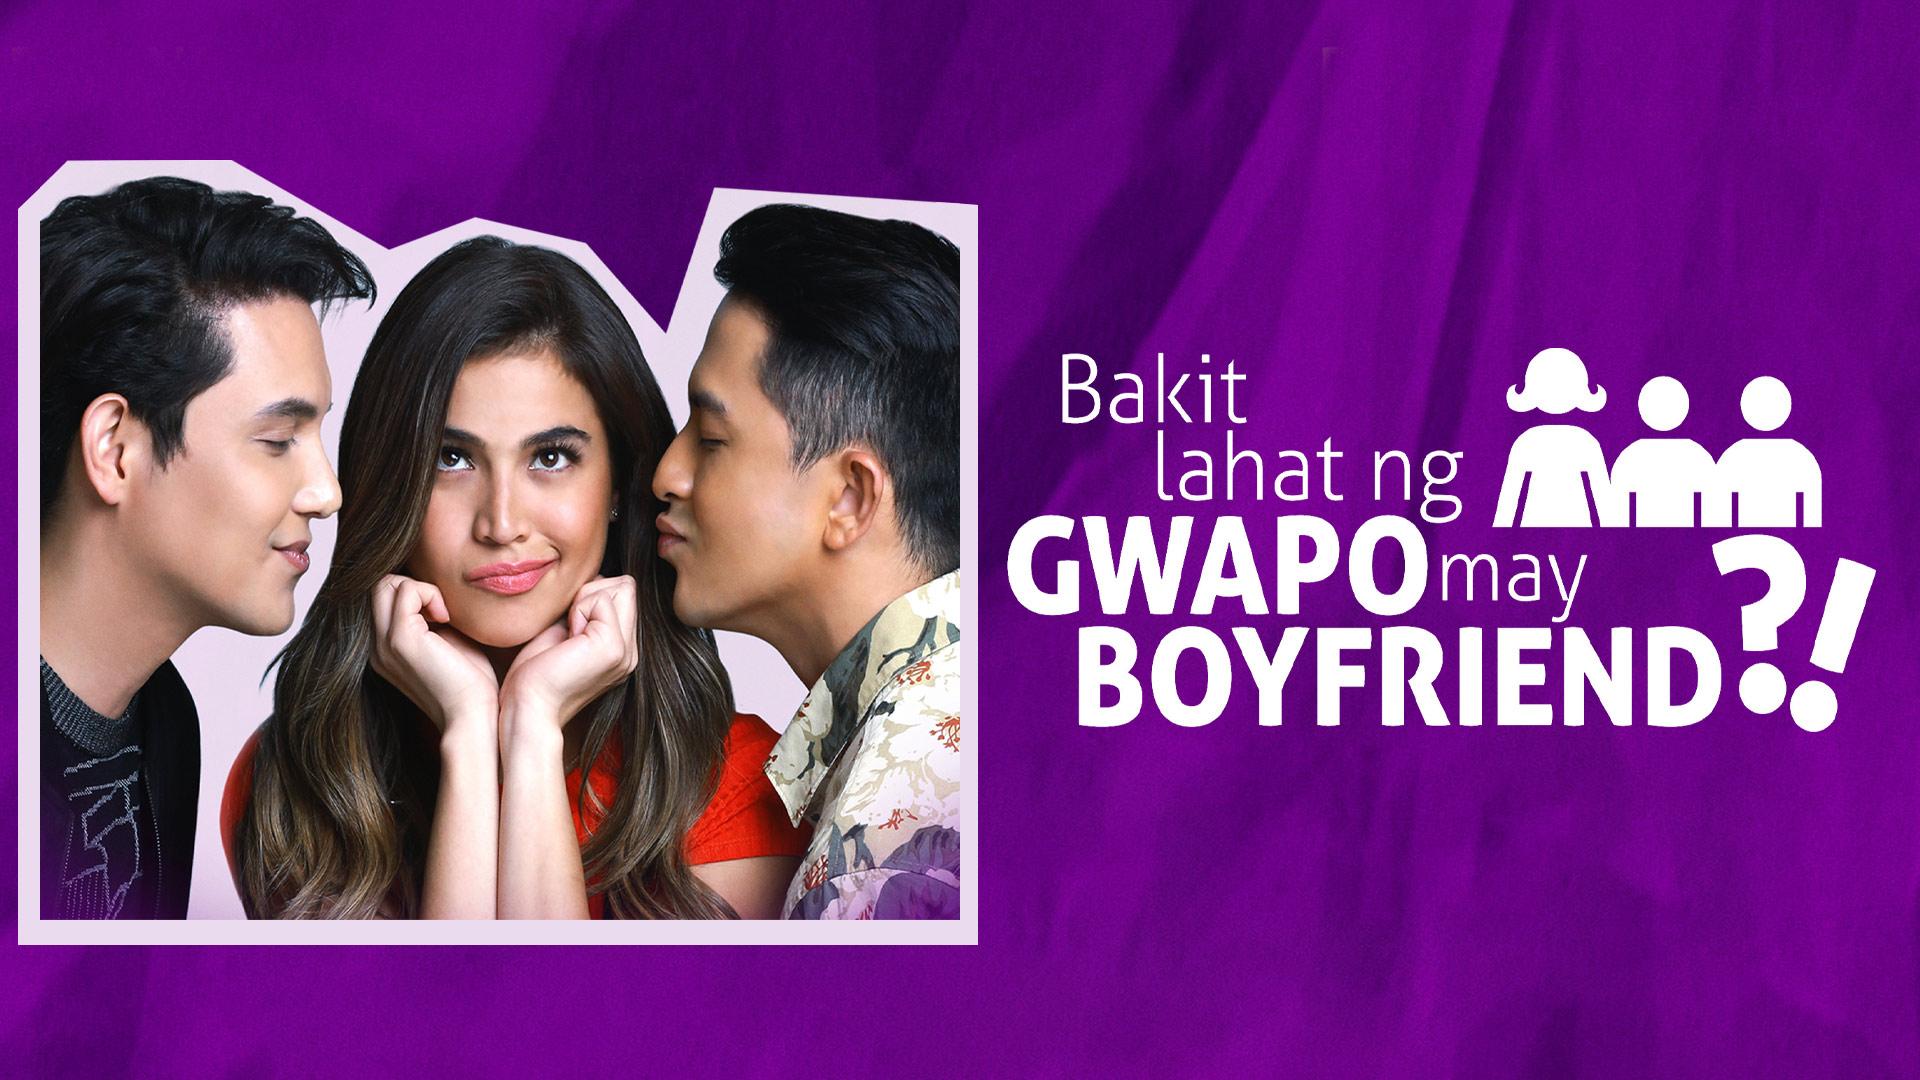 Bakit Lahat ng Gwapo may Boyfriend? (Tagalog Audio)